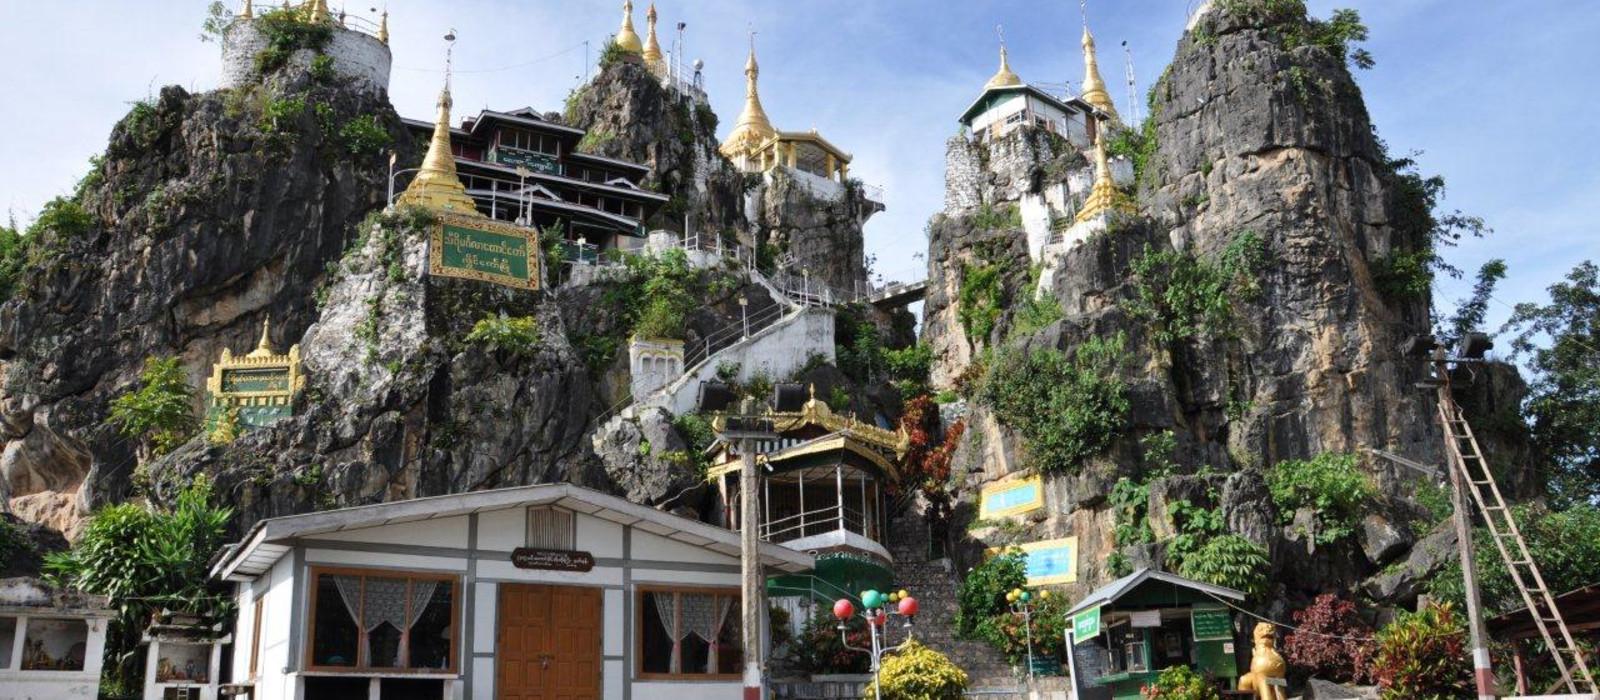 Myanmar Kulturreise: Versteckte Juwelen entdecken Urlaub 1